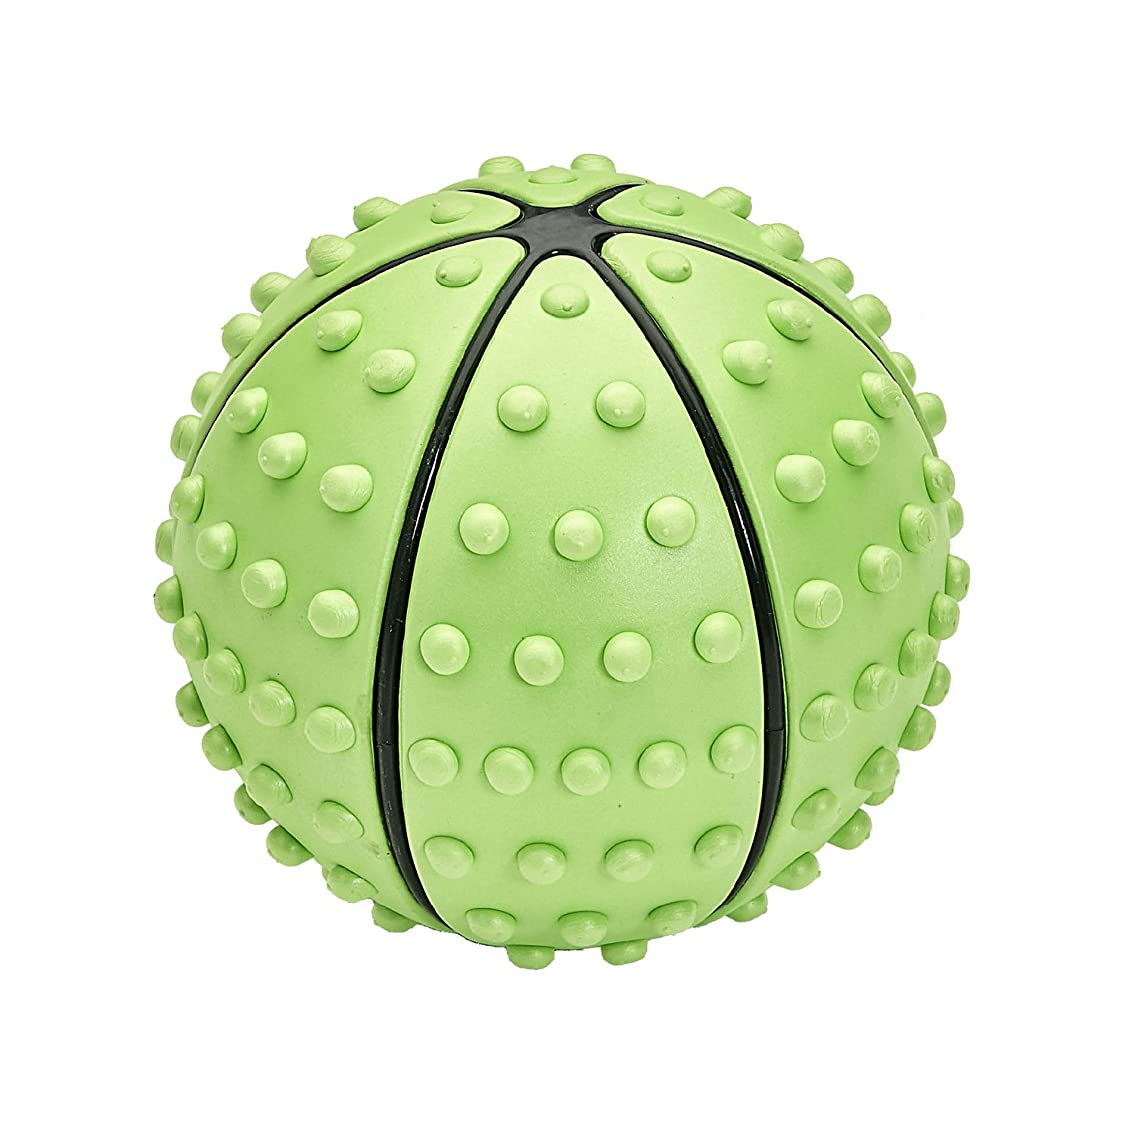 間に合わせカタログストッキングIRONMAN CLUB(鉄人倶楽部) 指圧 ストレッチ ボール KW-900 リフレッシュ トレーニング こりほぐし